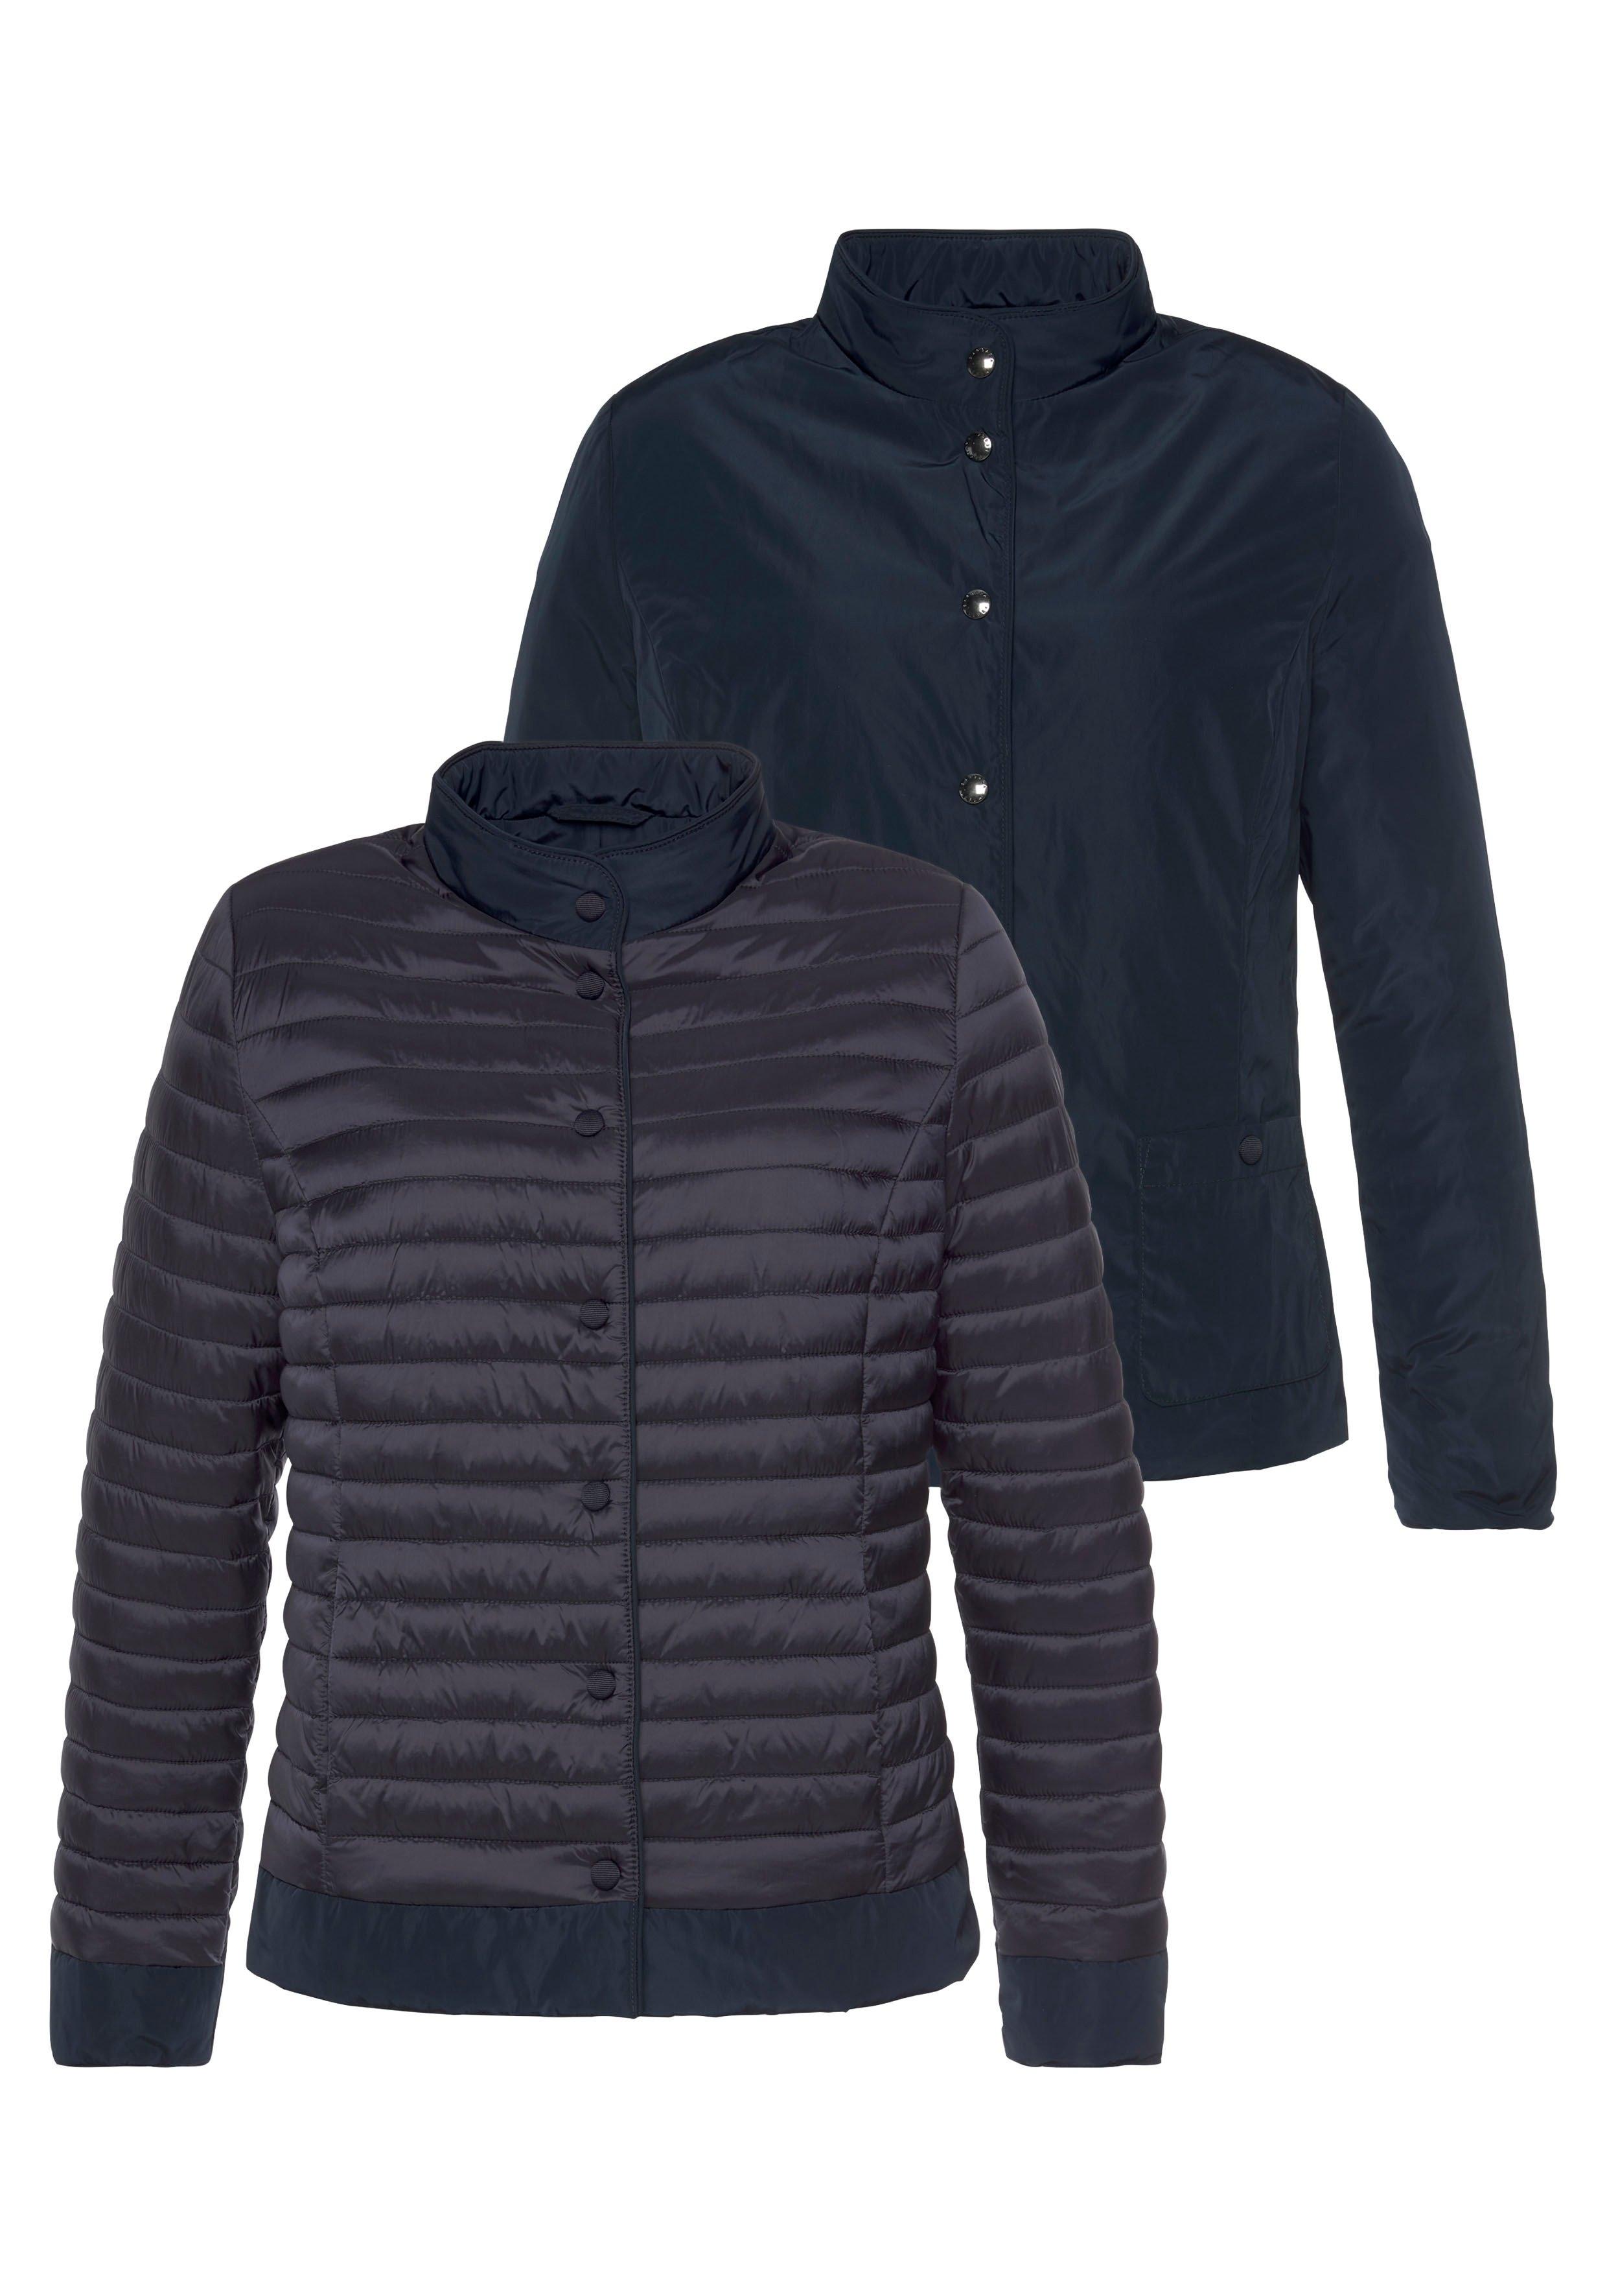 Barbara Lebek Gewatteerde jas aan beide kanten te dragen- een kant doorgestikt, andere in gladde look veilig op otto.nl kopen